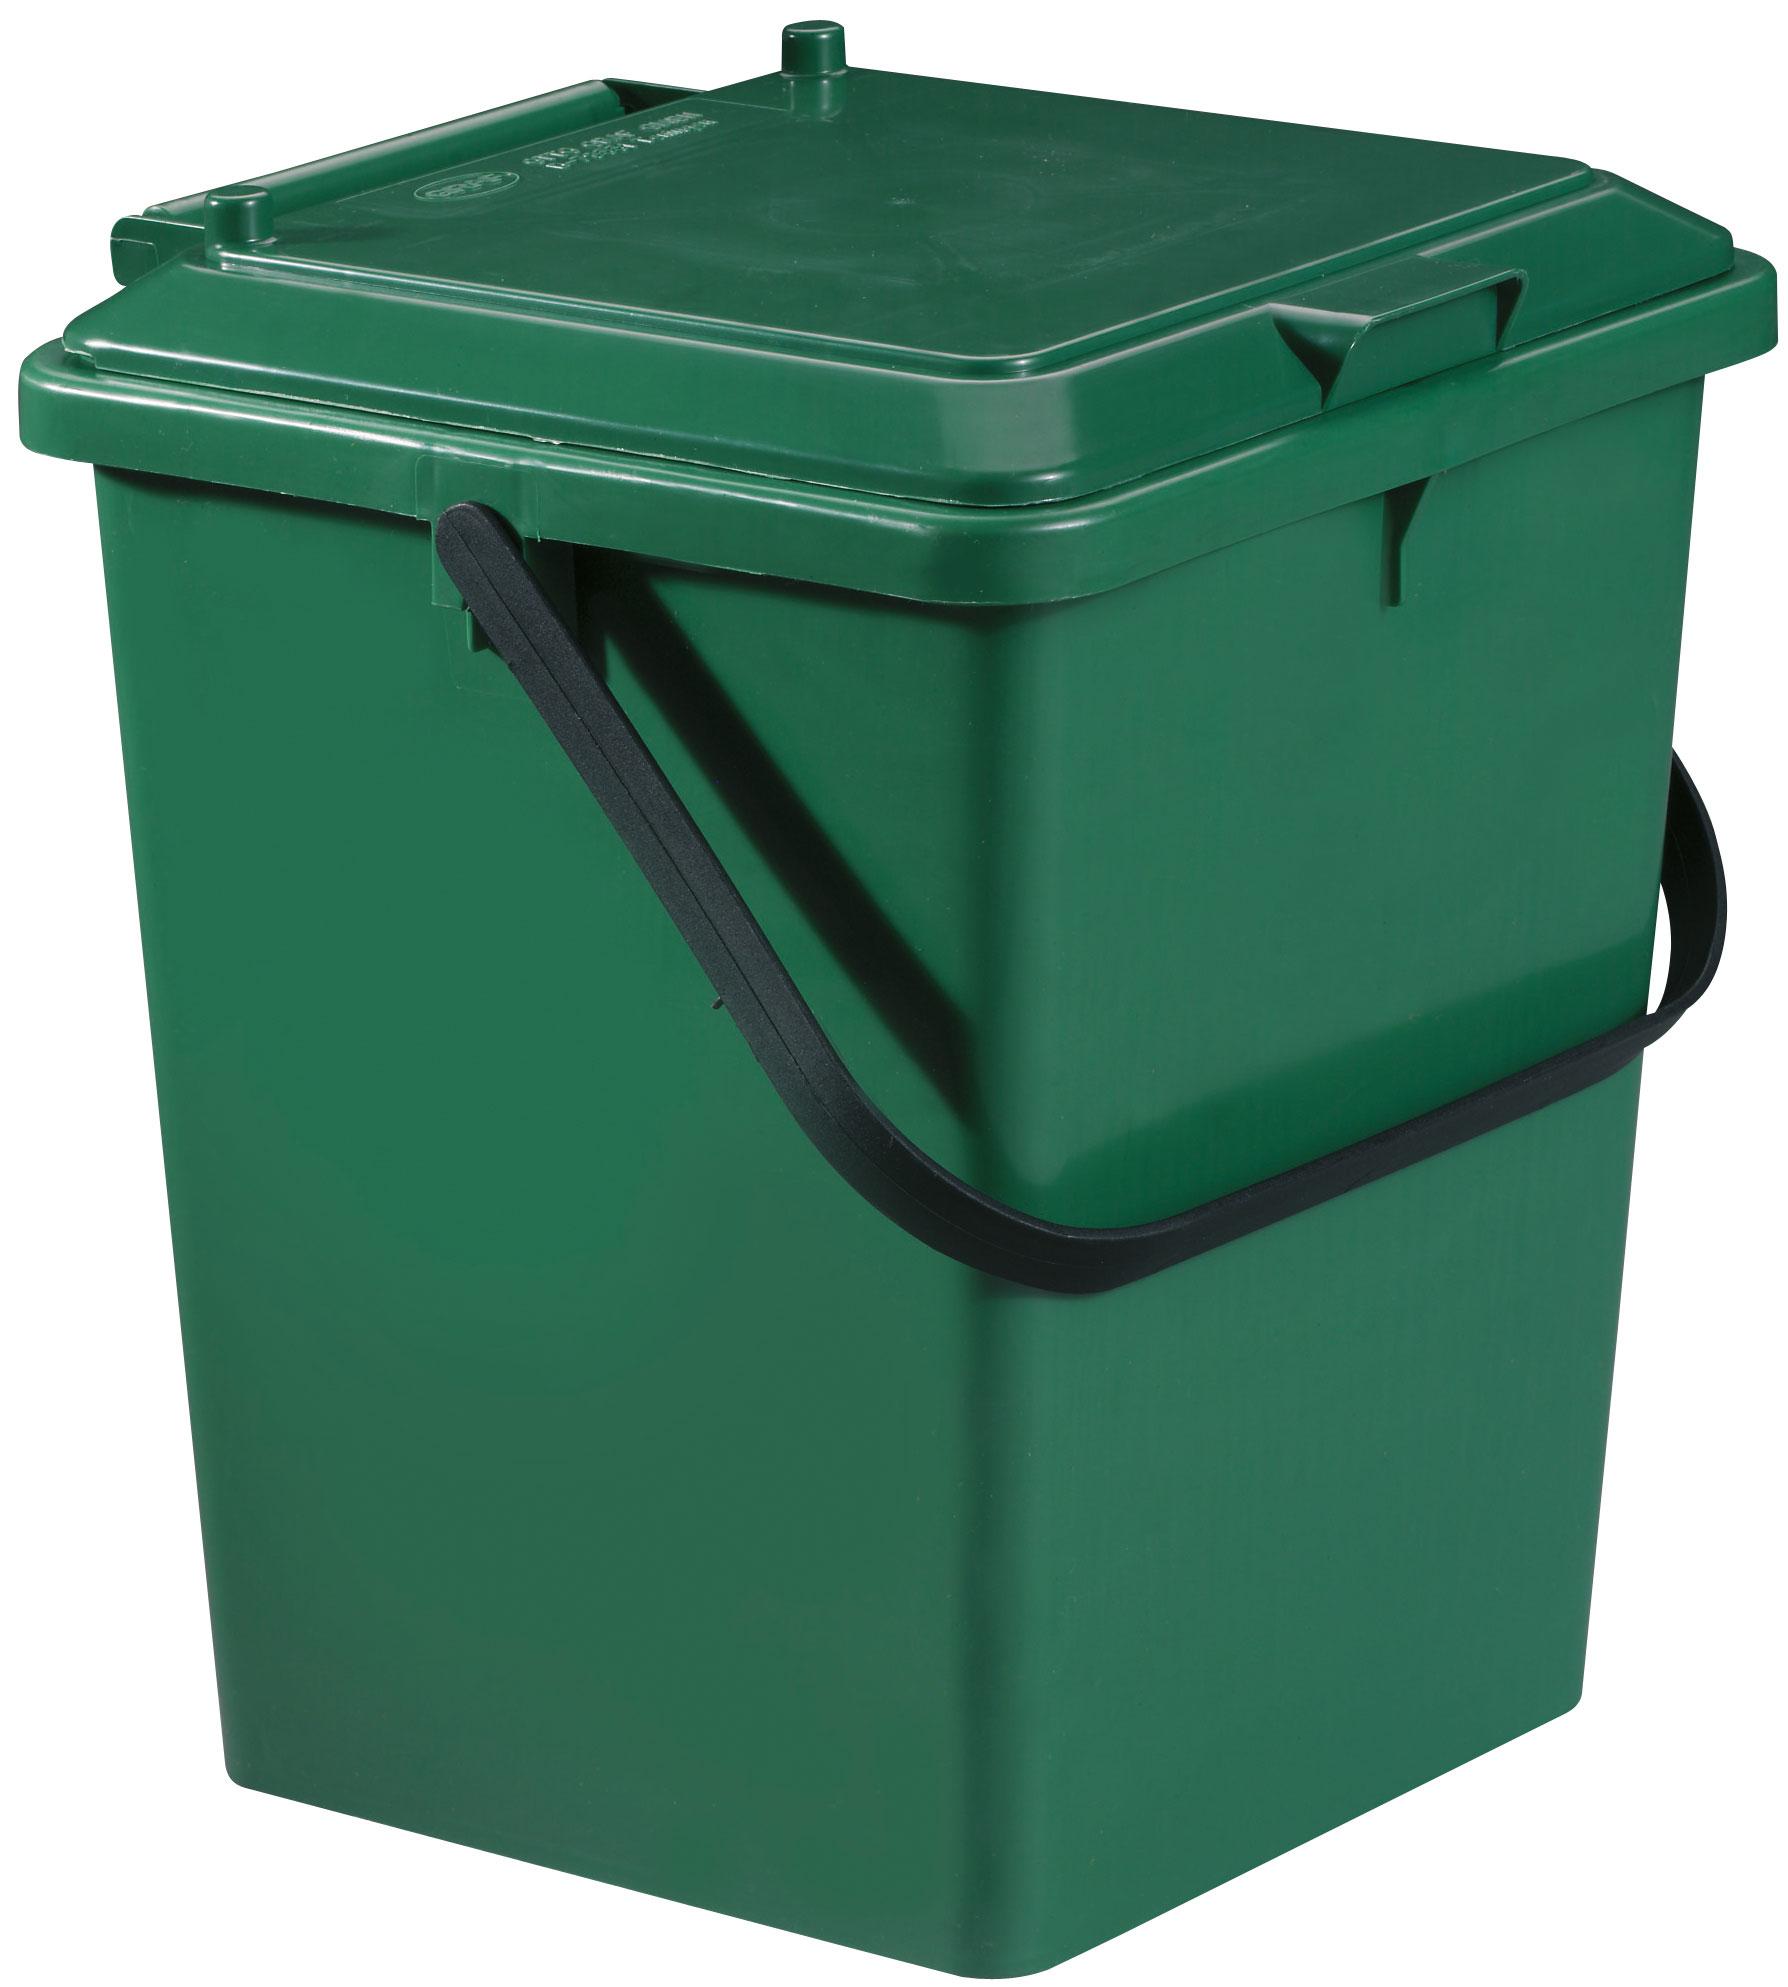 Komposteimer / Bio-Eimer grün stapelbar 8 Liter Graf 640010 Bild 1